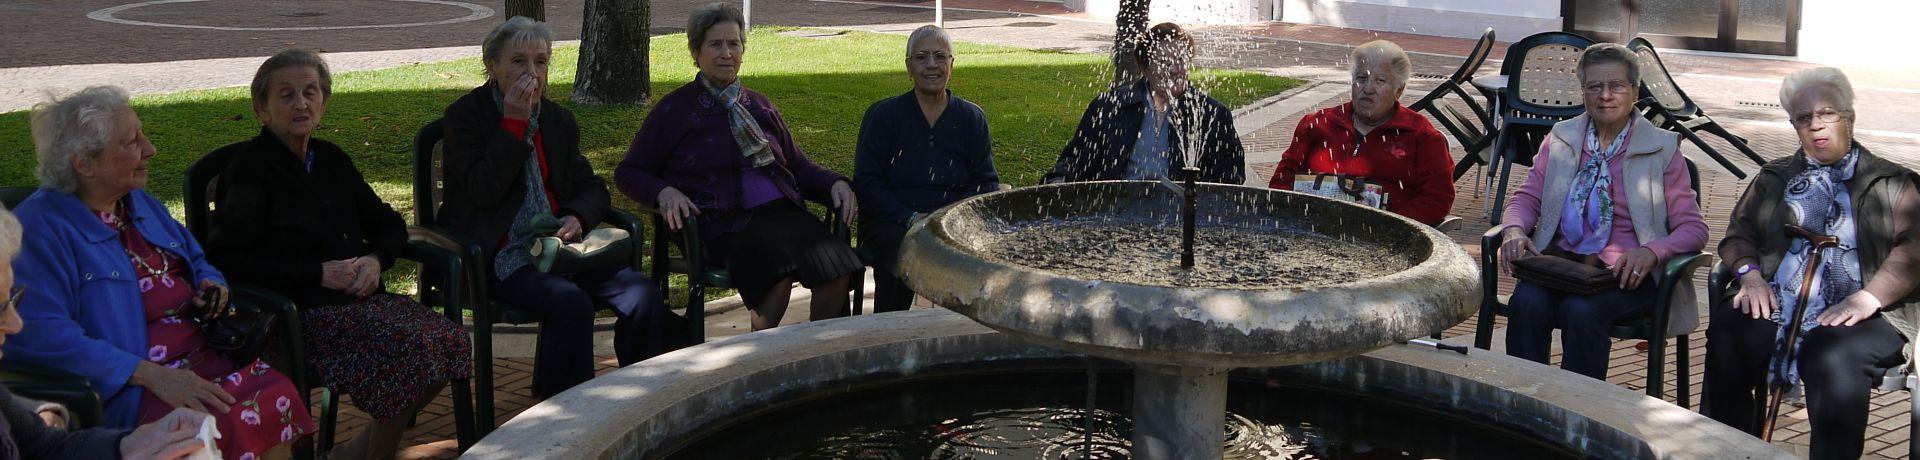 Istituto Sacro Cuore Roma Scuola Sacro Cuore - Foto di gruppo in giardino davanti alla fontana